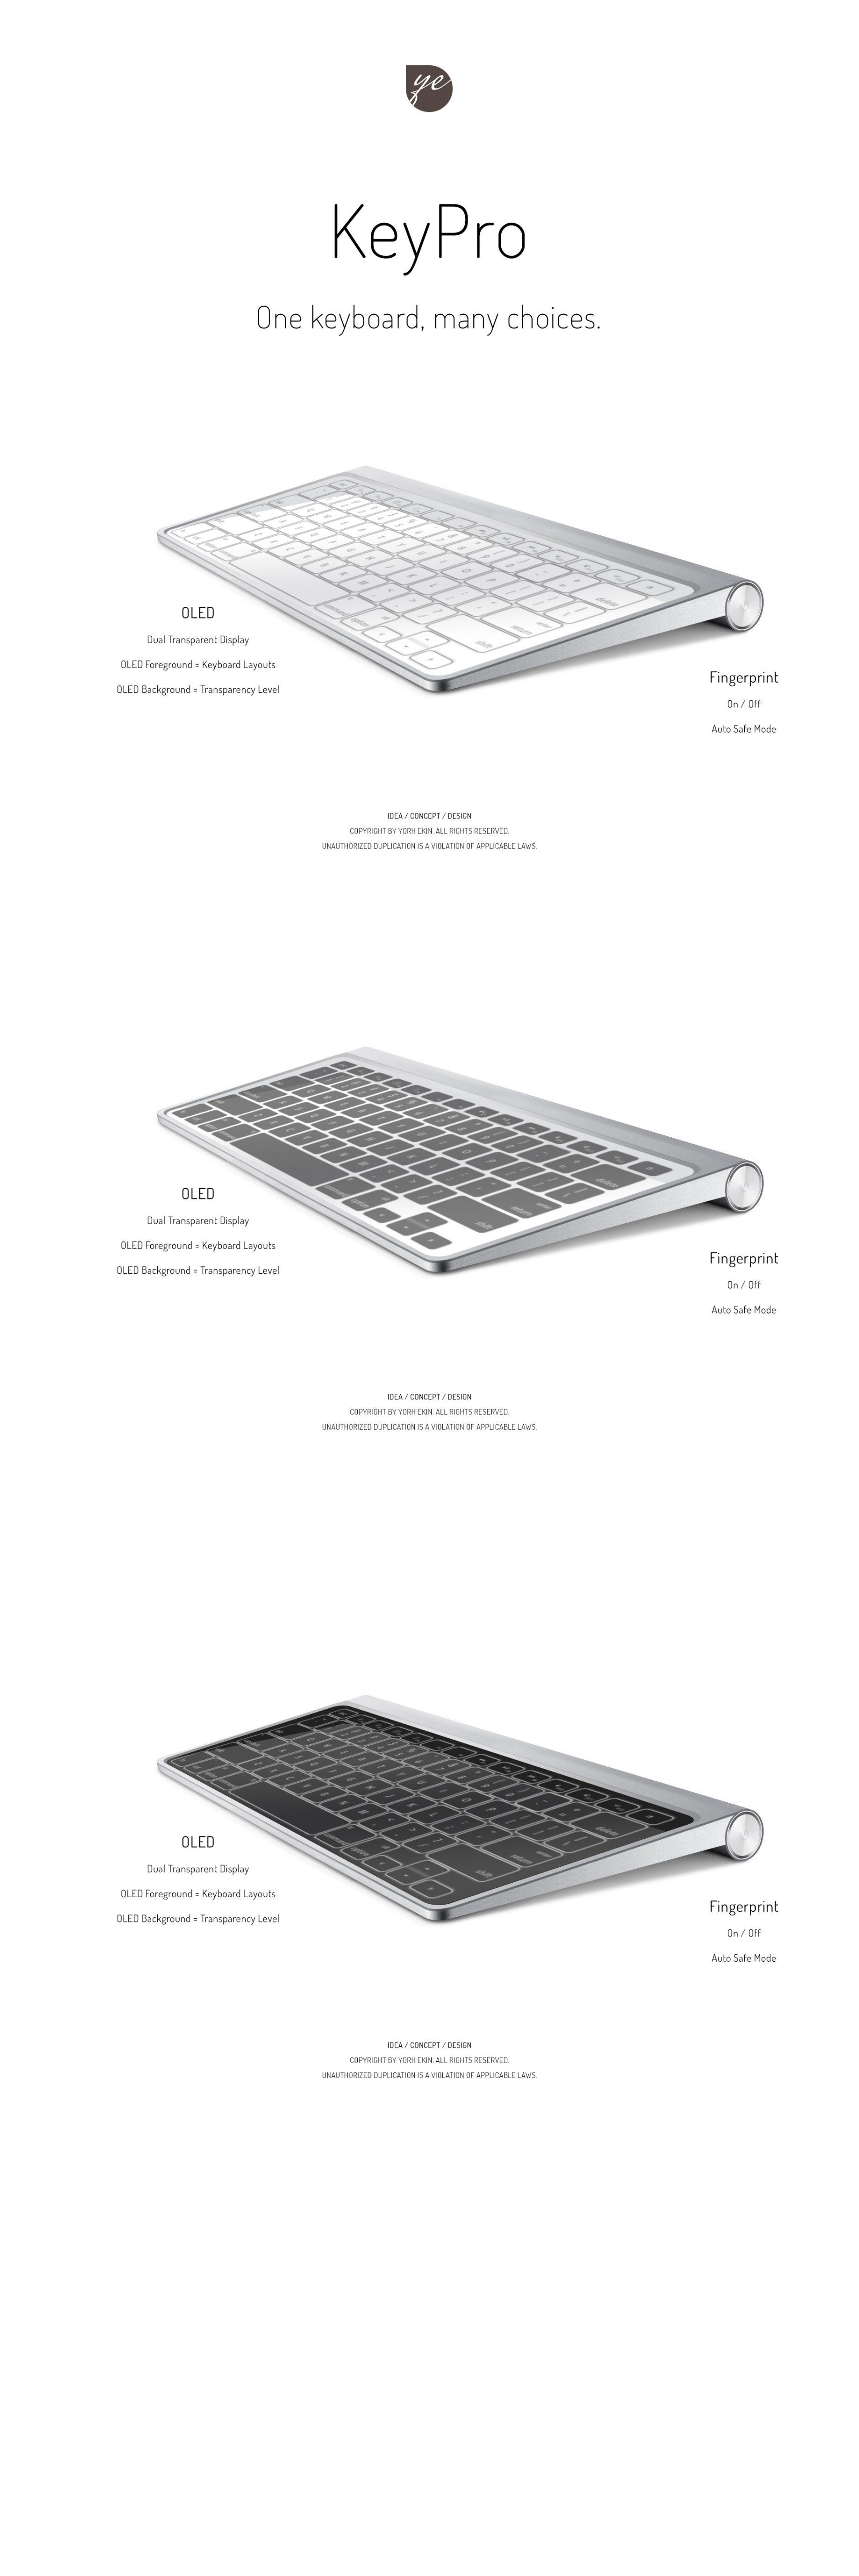 wifi_fingerprint_keyboard